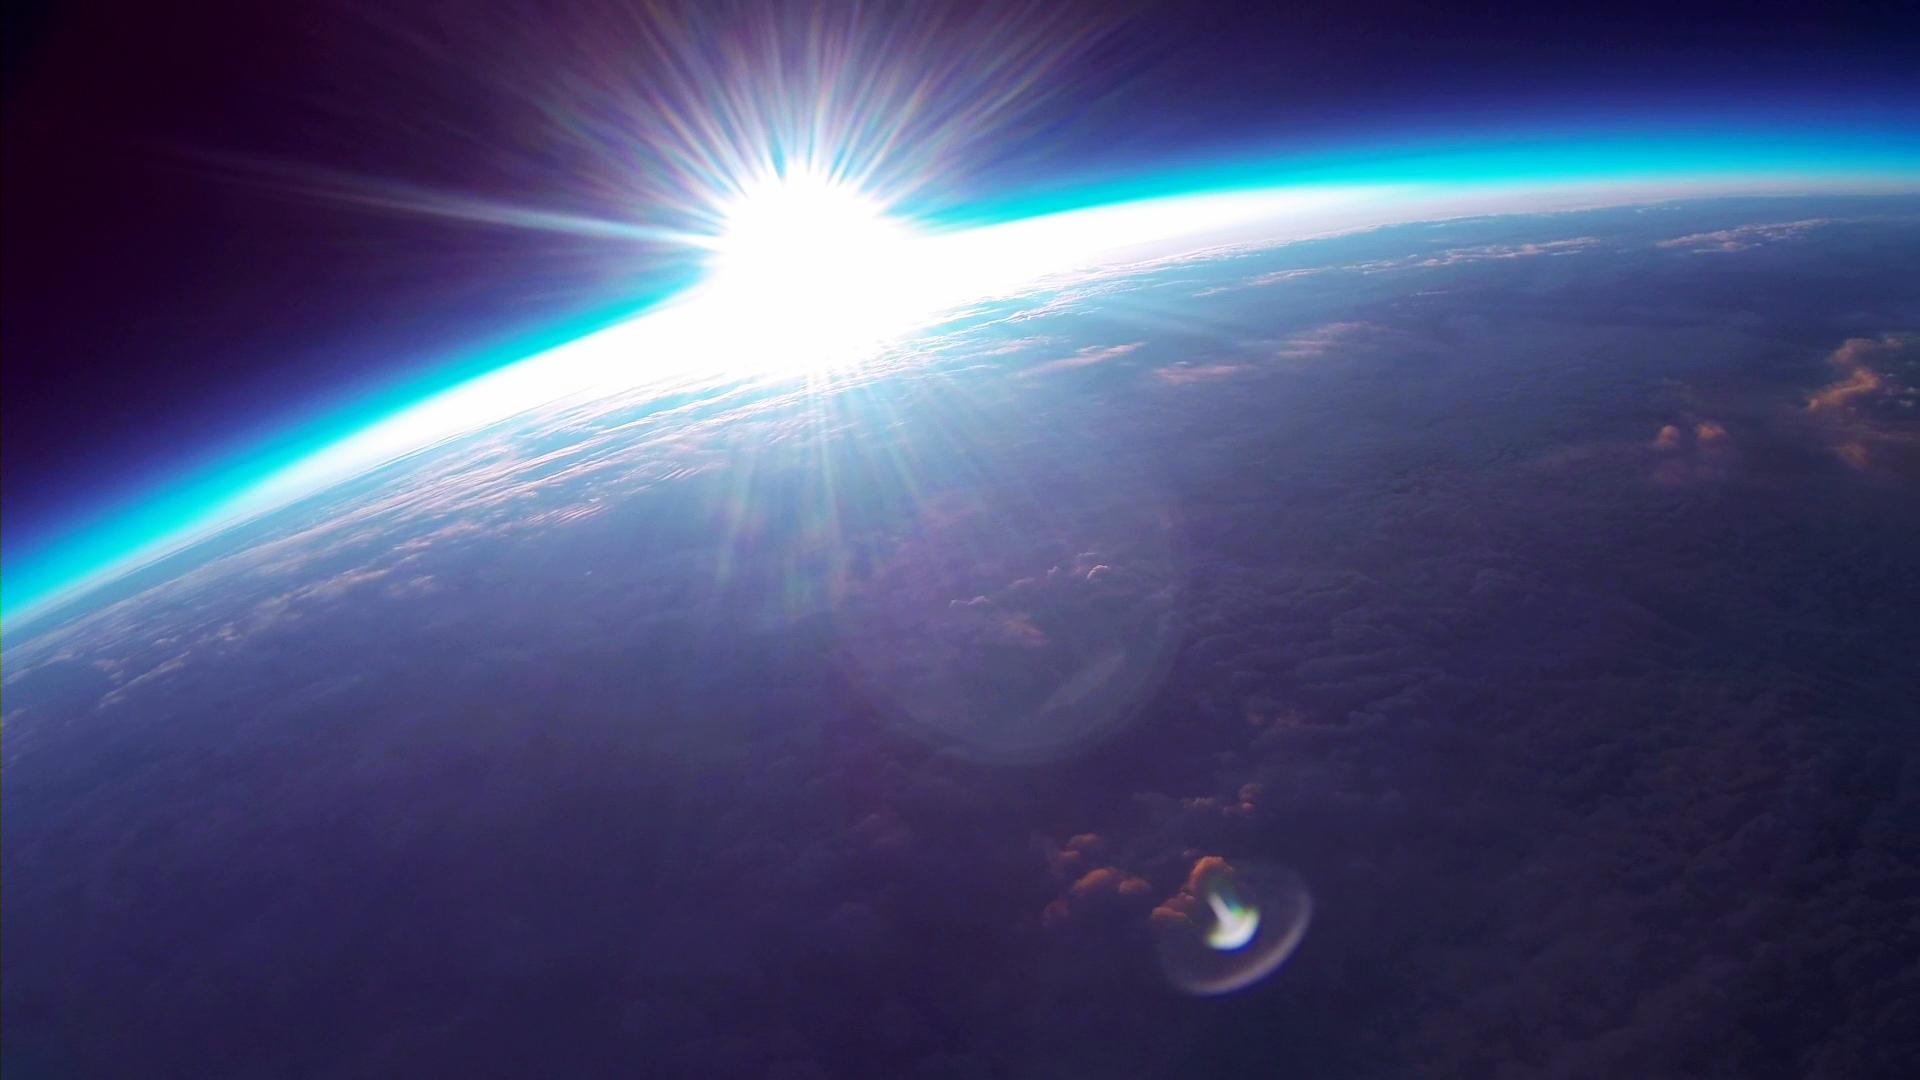 宇宙から見た太陽の画像で第7チャクラを整える